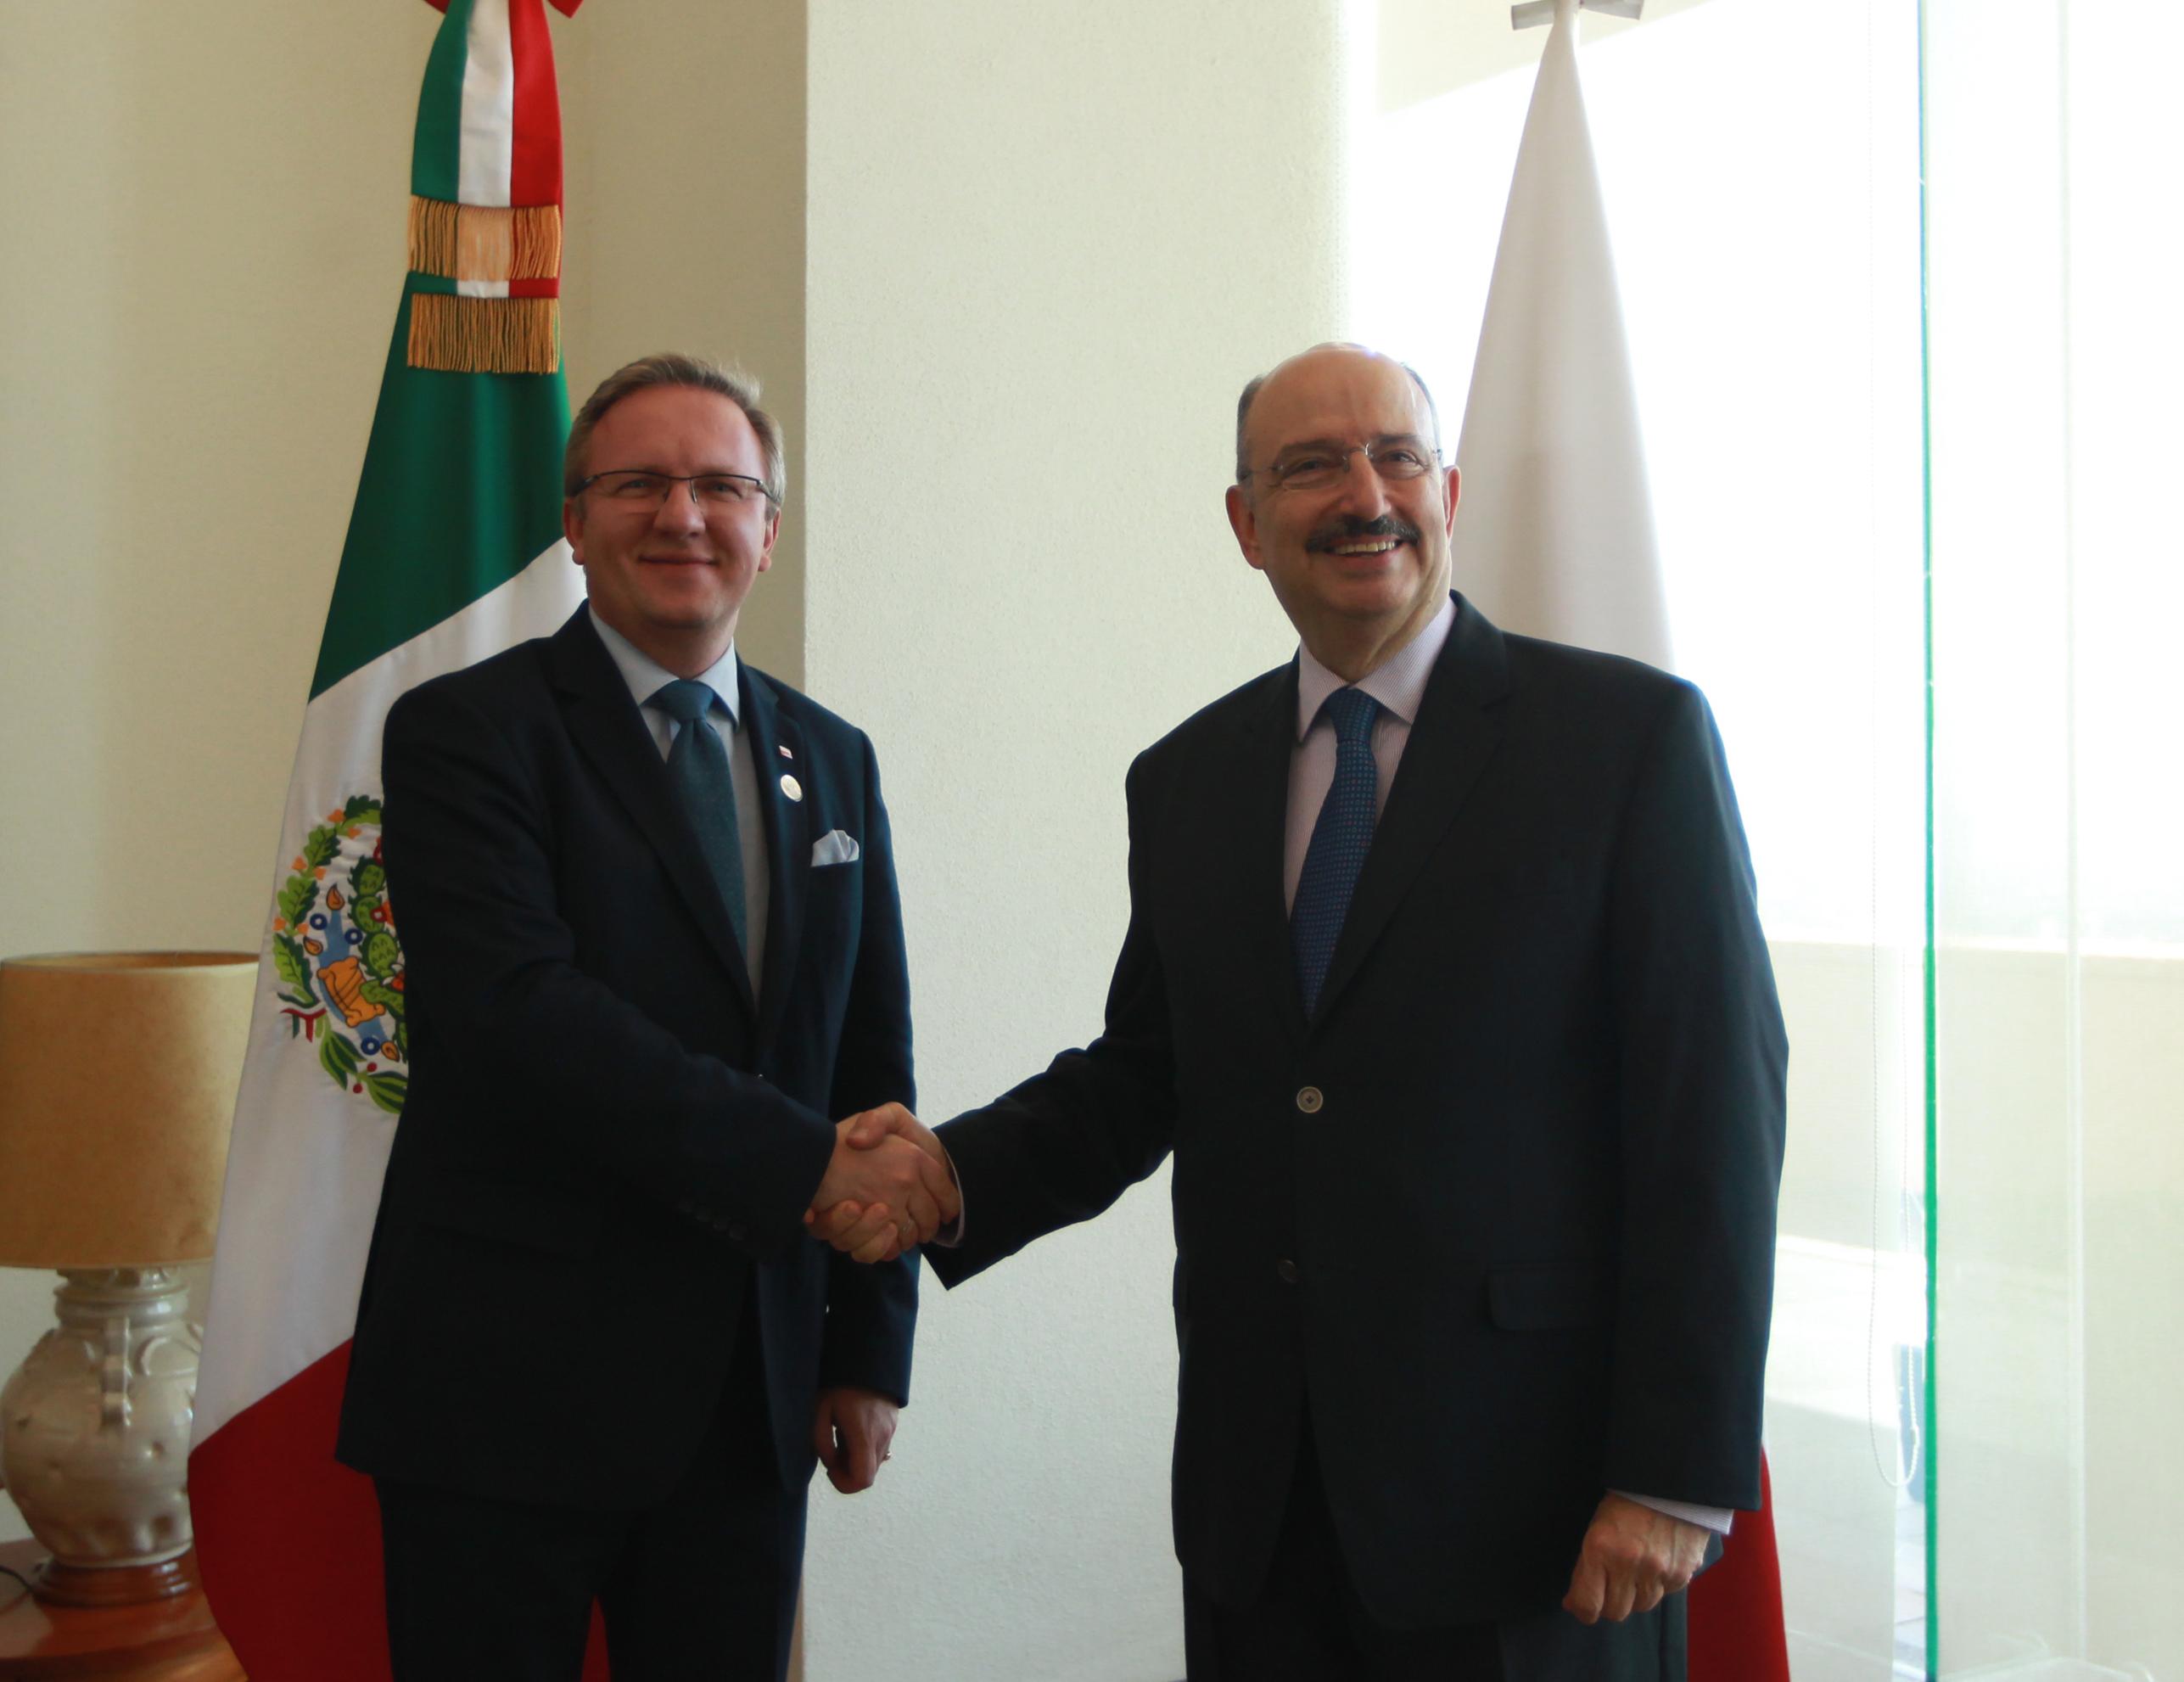 El Subsecretario de Relaciones Exteriores Carlos De Icaza y el Secretario de Estado para Asuntos Exteriores de la Presidencia de Polonia,Krysztof Szczerski